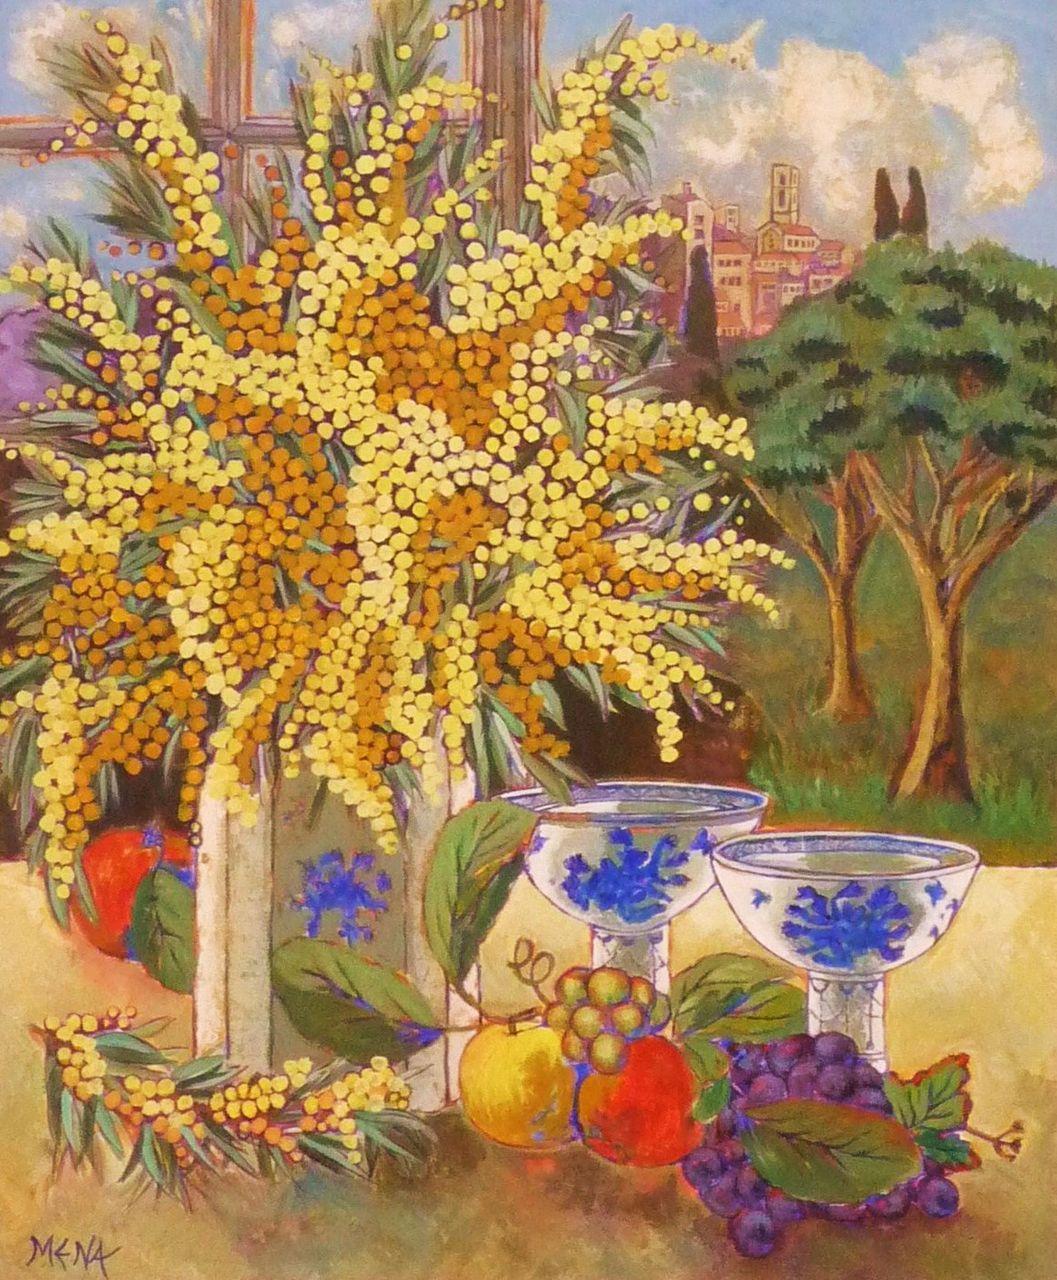 MENA Mimosas 2